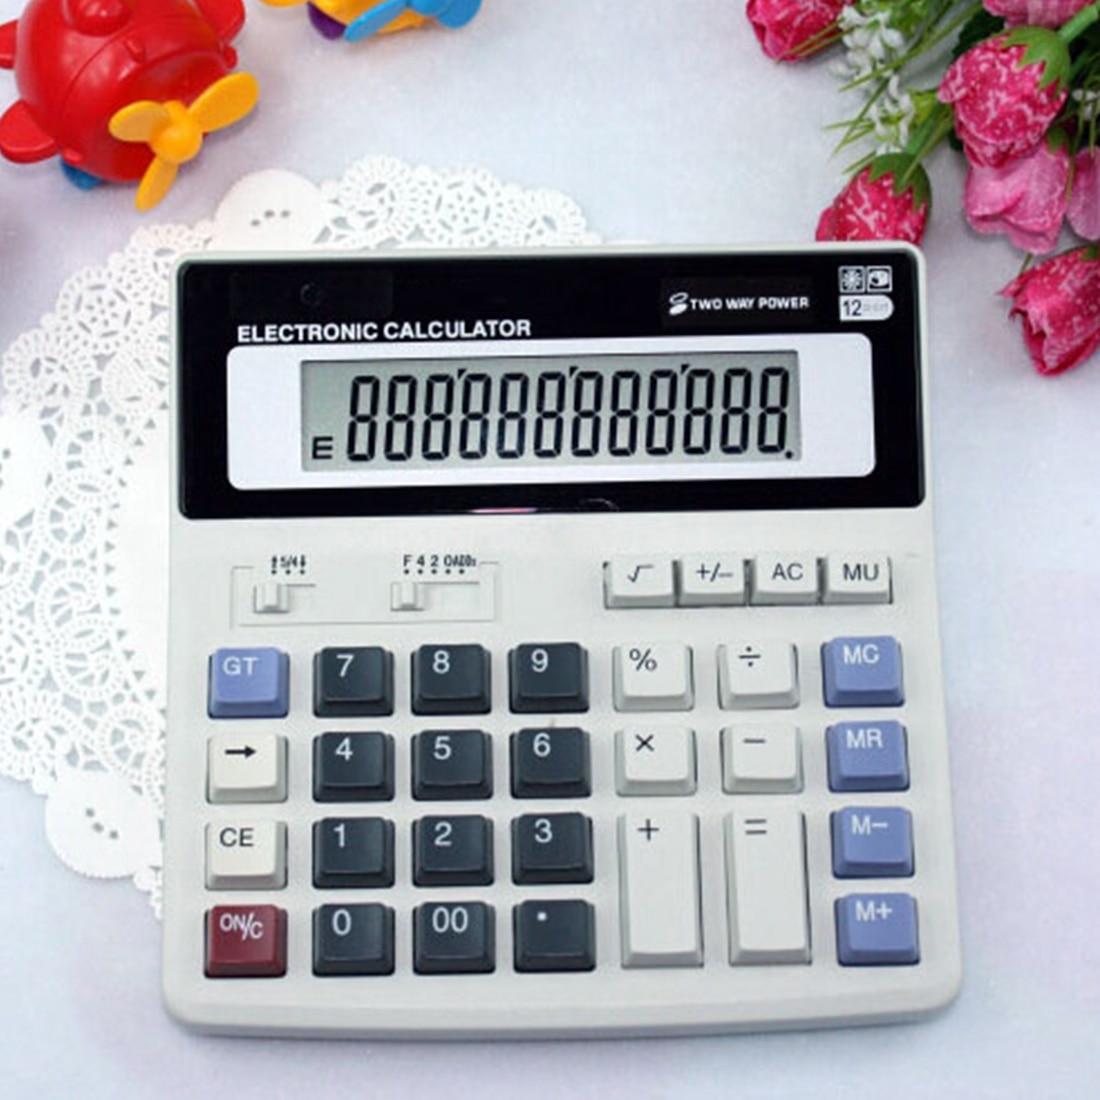 Etmakit хорошая продажа большие кнопки офисный калькулятор большие компьютерные ключи многофункциональный калькулятор батареи компьютера